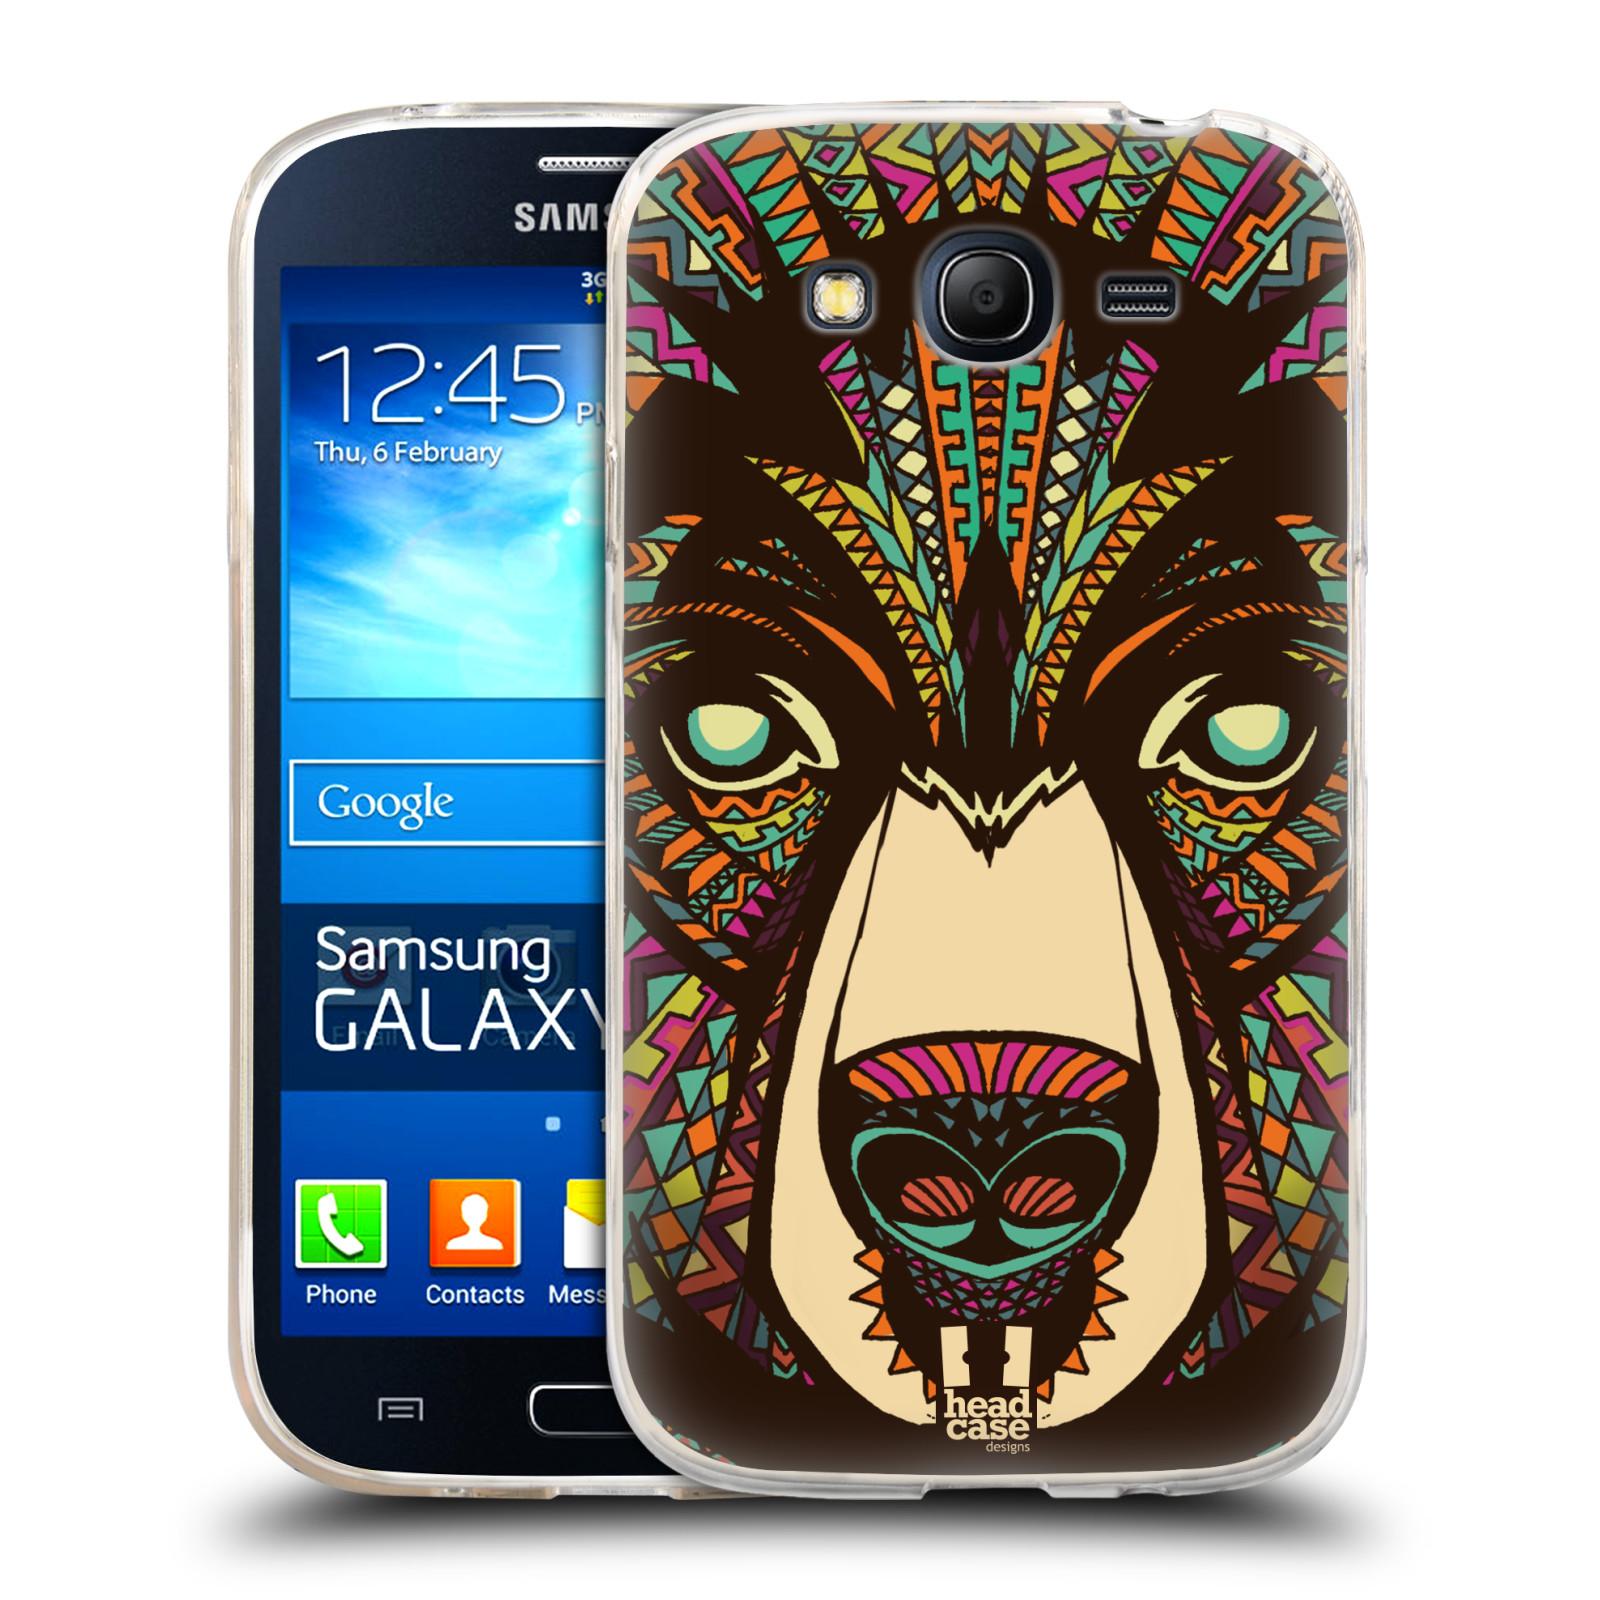 Silikonové pouzdro na mobil Samsung Galaxy Grand Neo HEAD CASE AZTEC MEDVĚD (Silikonový kryt či obal na mobilní telefon Samsung Galaxy Grand Neo GT-I9060)